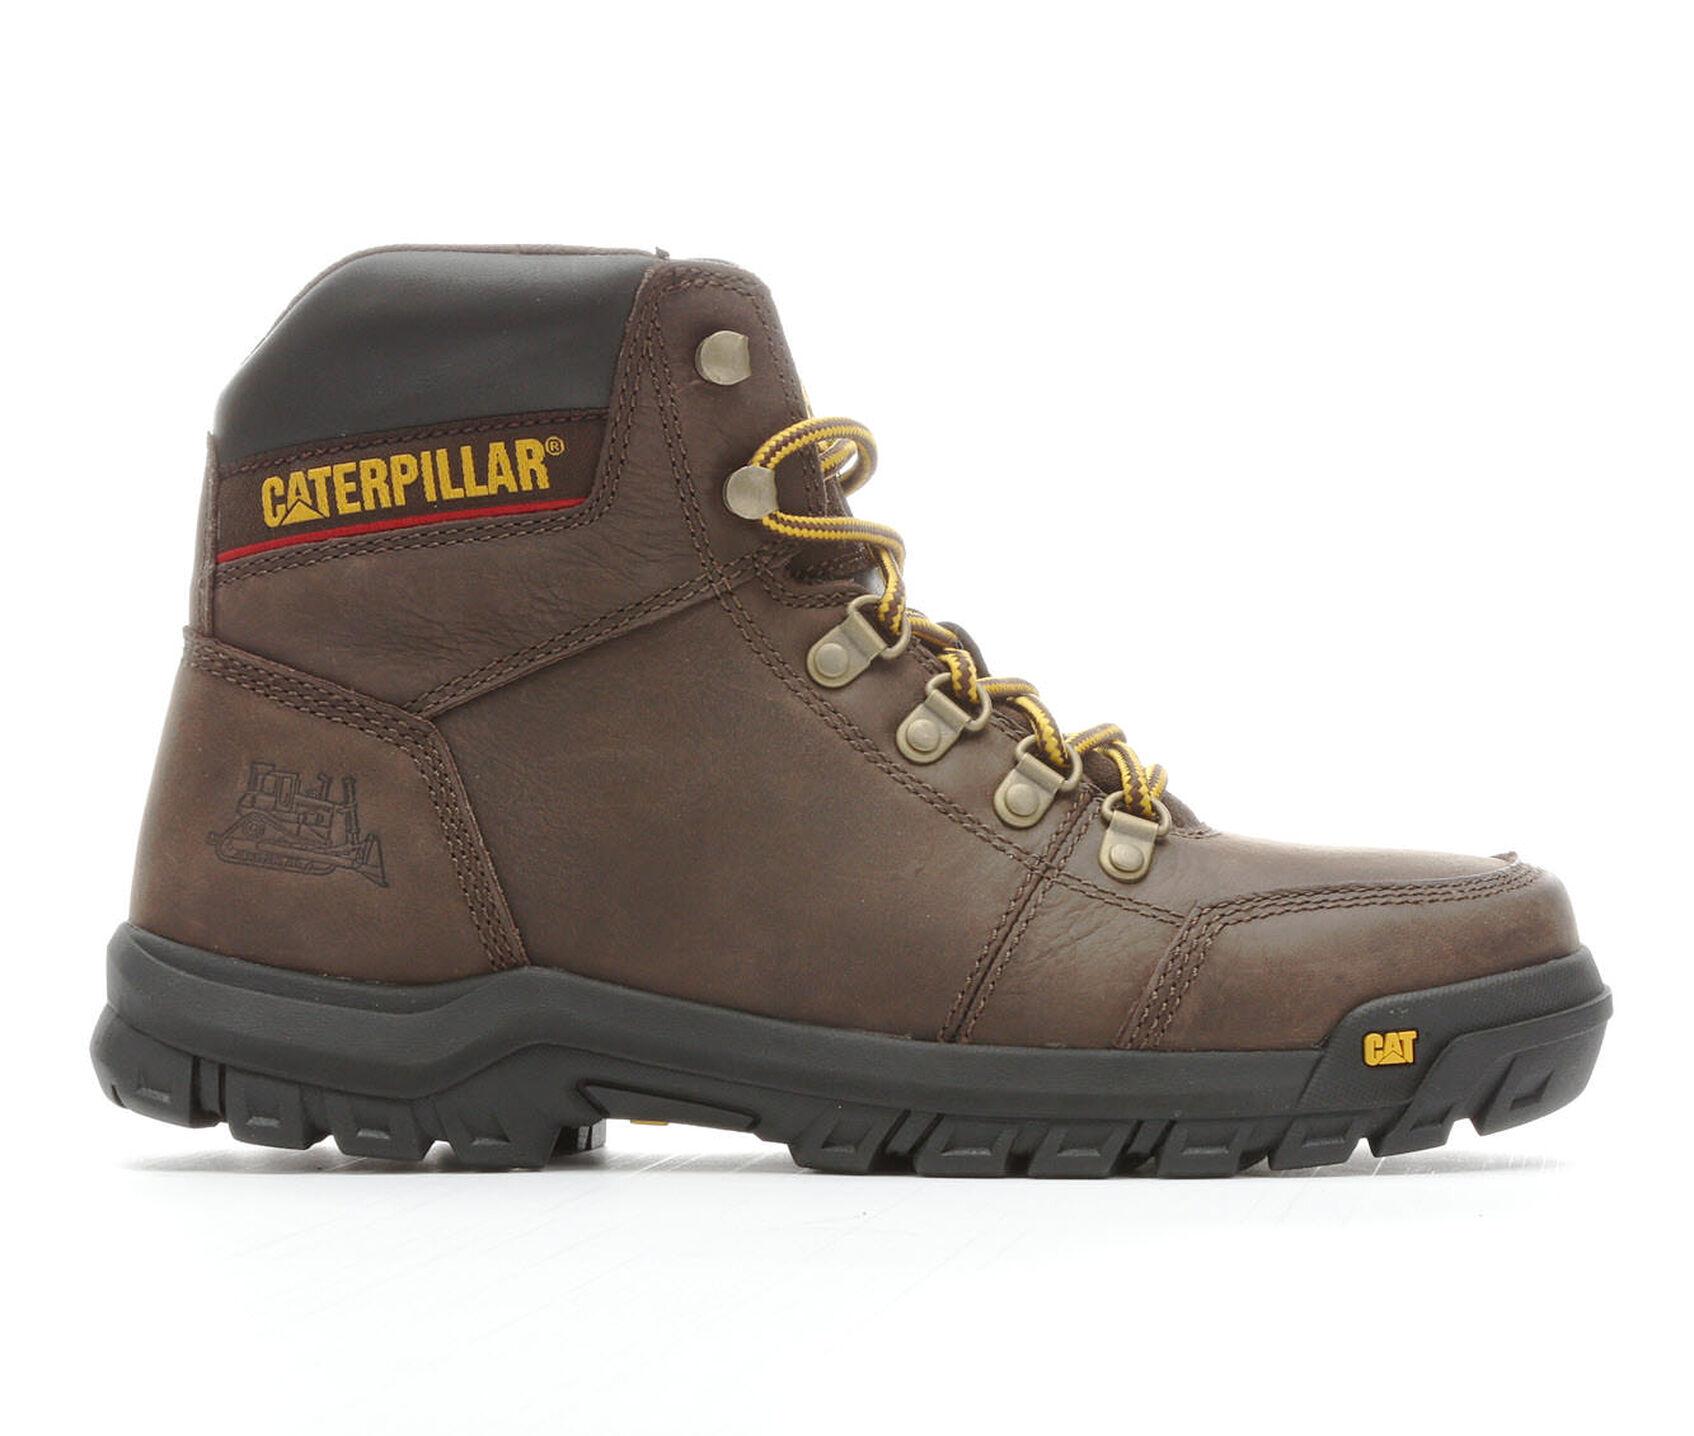 a75f578ecd0 Men's Caterpillar Outline Soft Toe Work Boots